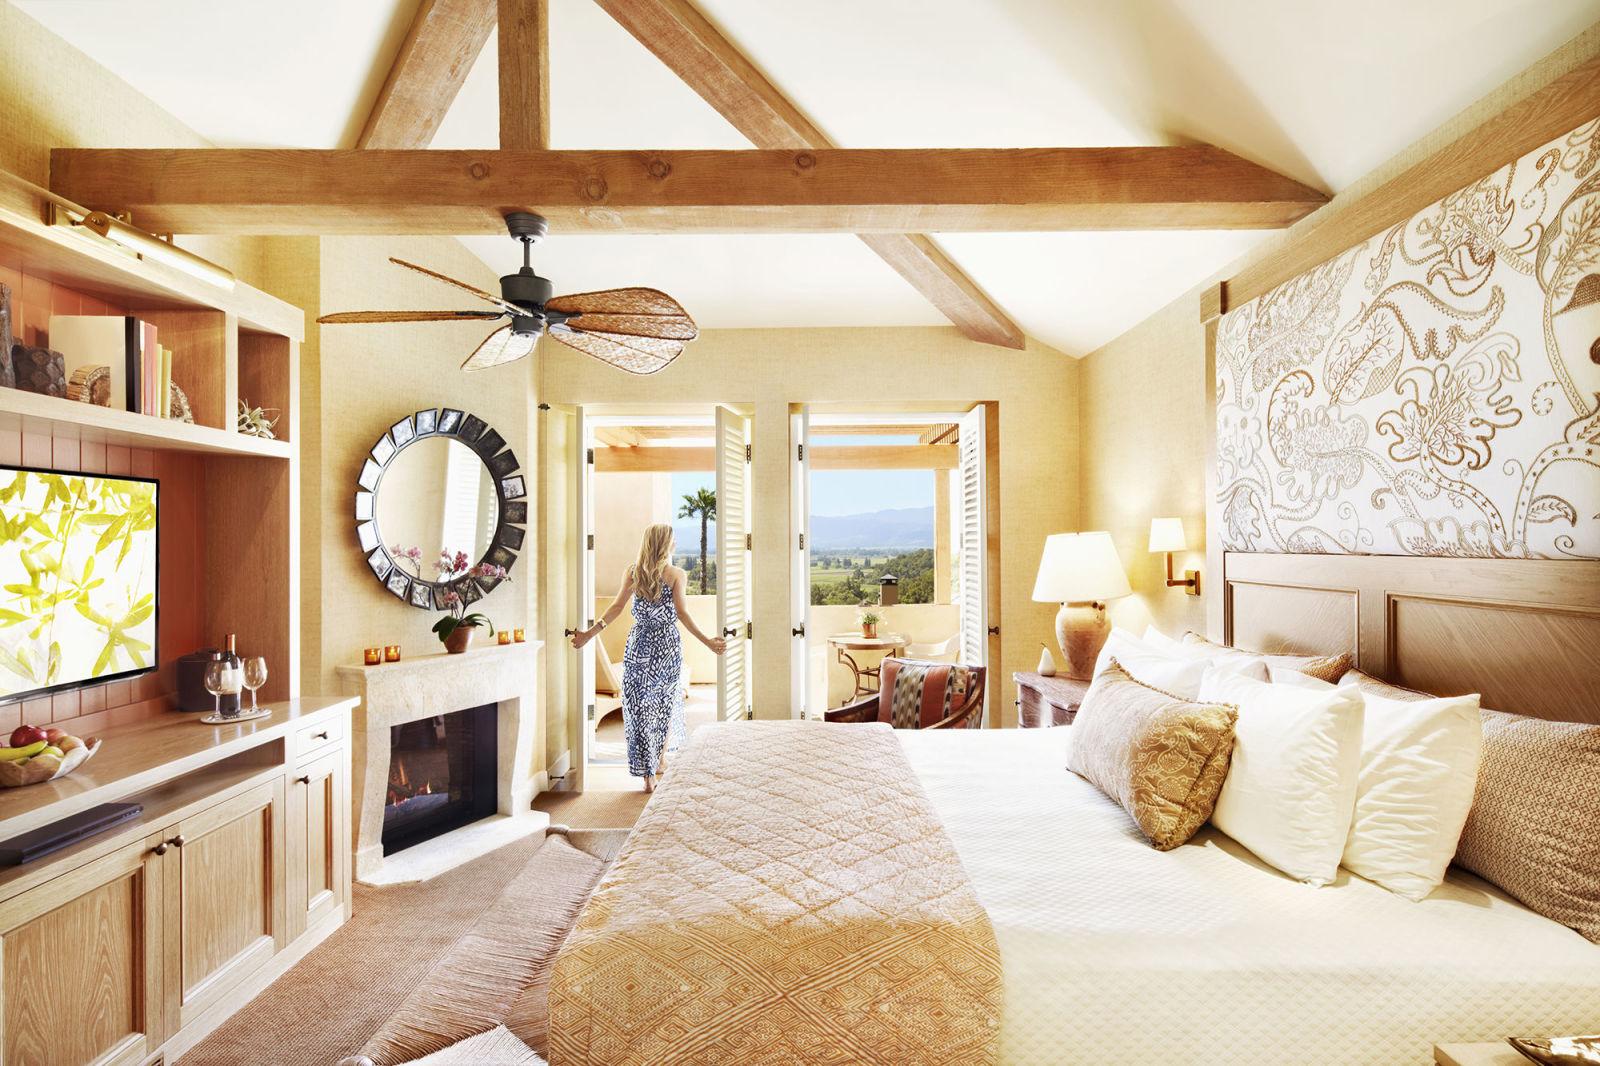 Come colorare le pareti del soggiorno stunning colorare pareti cucina gallery of e colorare le - Colorare le pareti del soggiorno ...